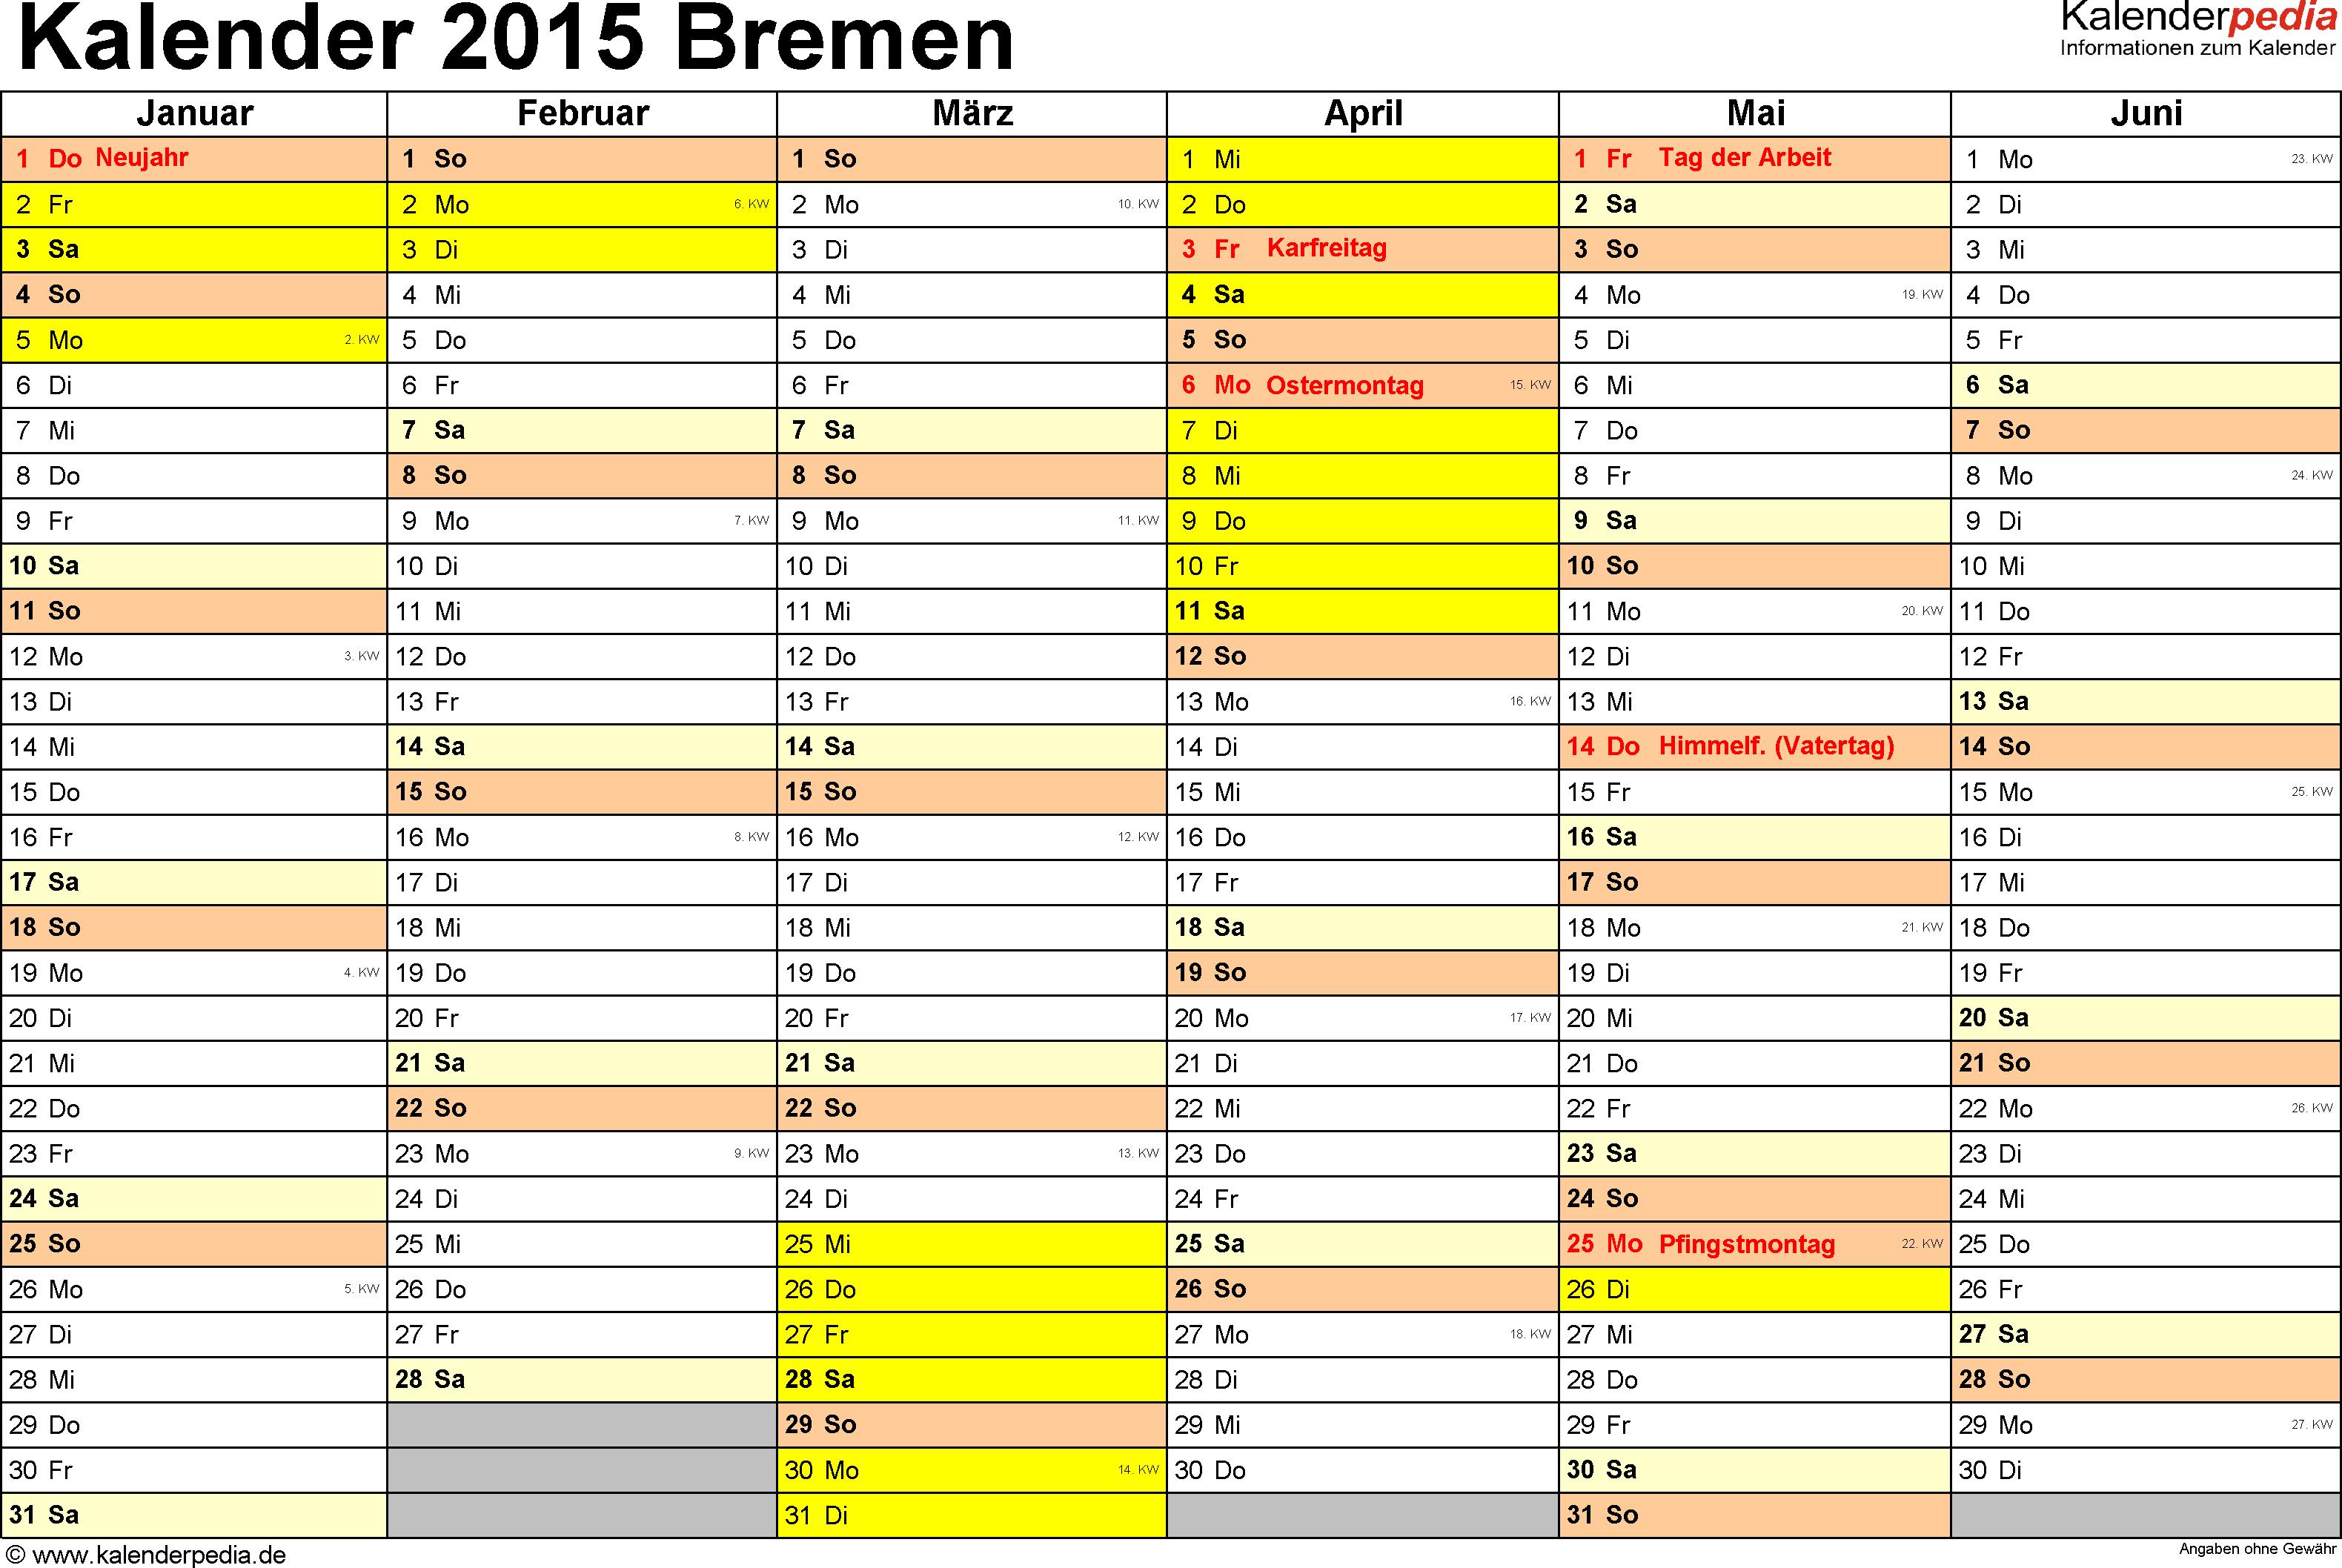 Vorlage 2: Kalender 2015 für Bremen als PDF-Vorlage (Querformat, 2 Seiten)